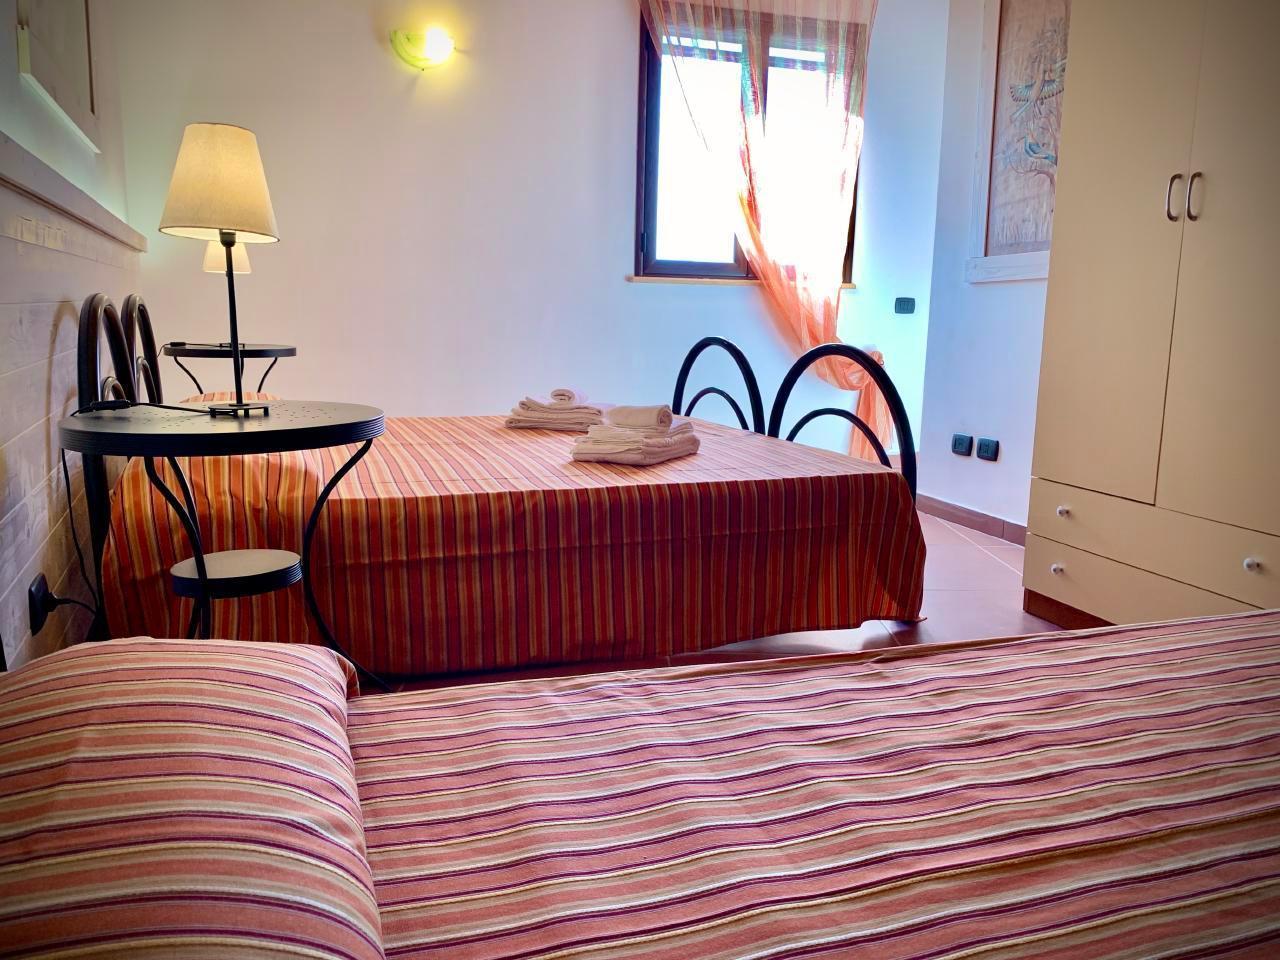 Ferienhaus Ferienwohnungen (405224), Sciacca, Agrigento, Sizilien, Italien, Bild 9